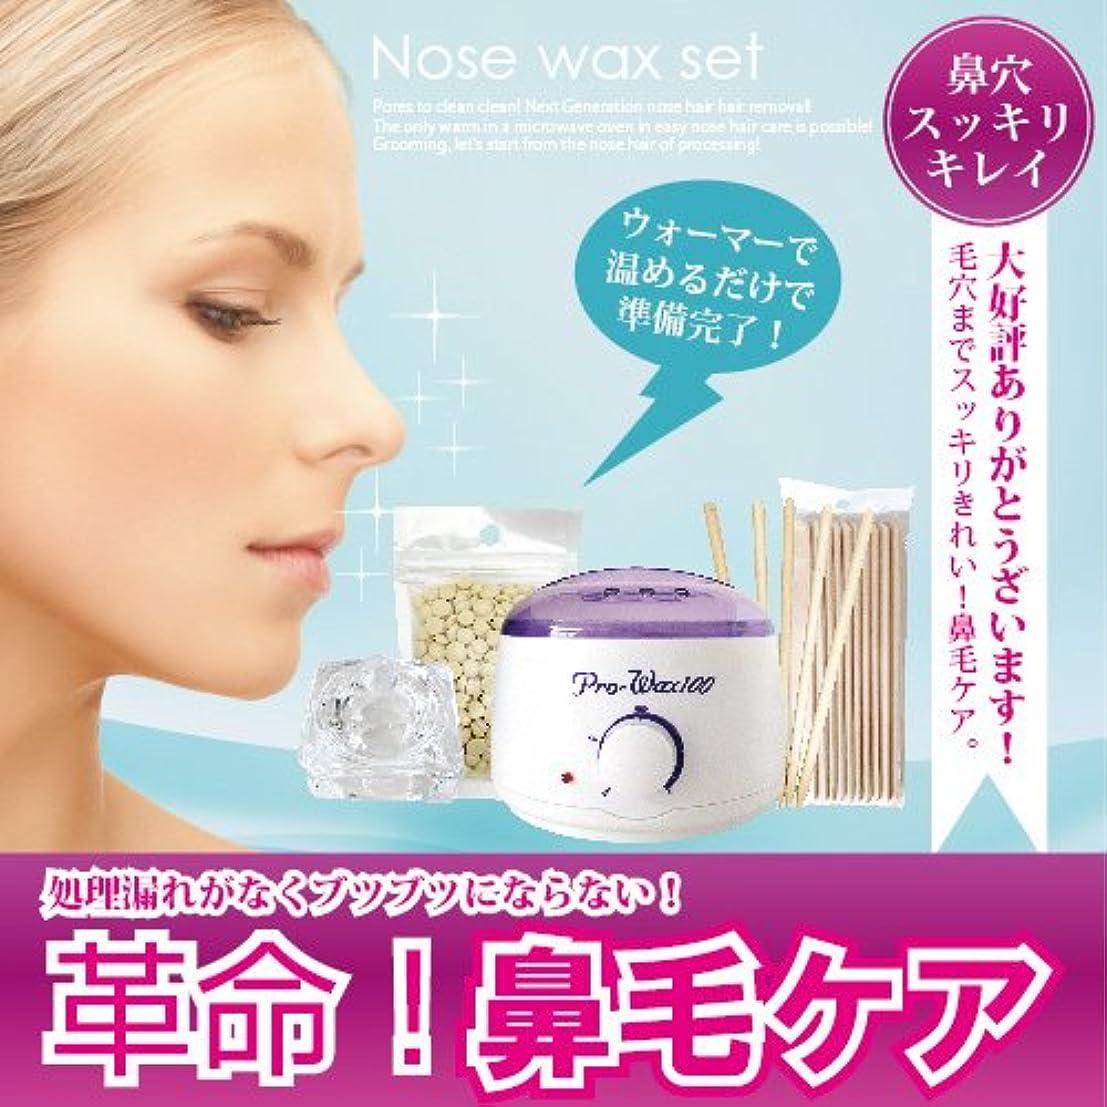 プラグウェイド不適当ブラジリアンワックス Nose wax setウォーマー付ノーズワックス鼻毛ケアセット(約12回分)